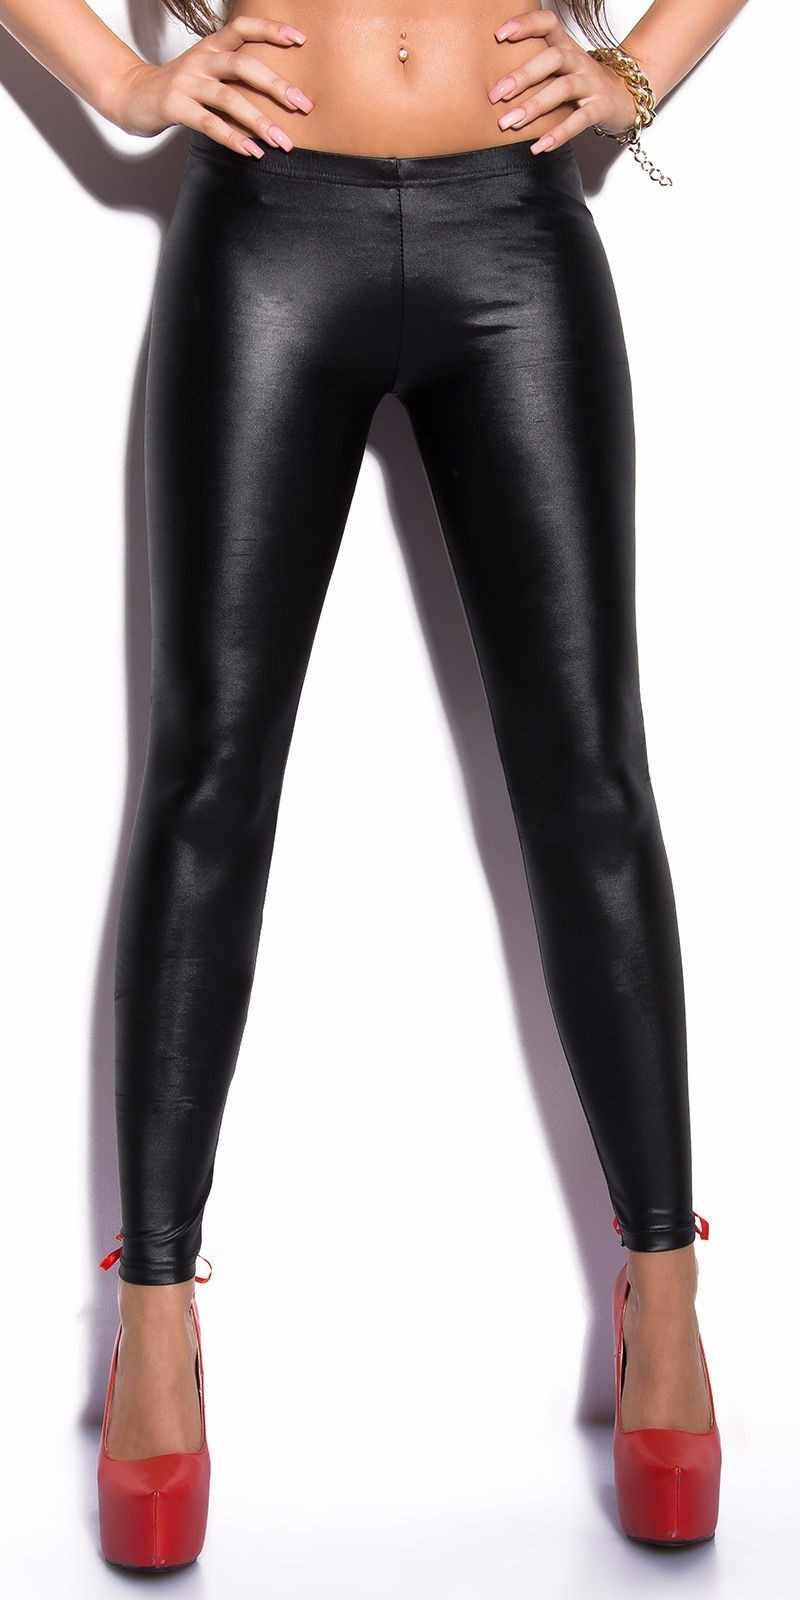 Phụ Nữ Ren Băng Lông Da Đen PVC Quần Legging Gót Tôn Sùng PU Giả Da Quần Skinny PUNK ROCK Ướt Nhìn câu Lạc Bộ Khi Mặc